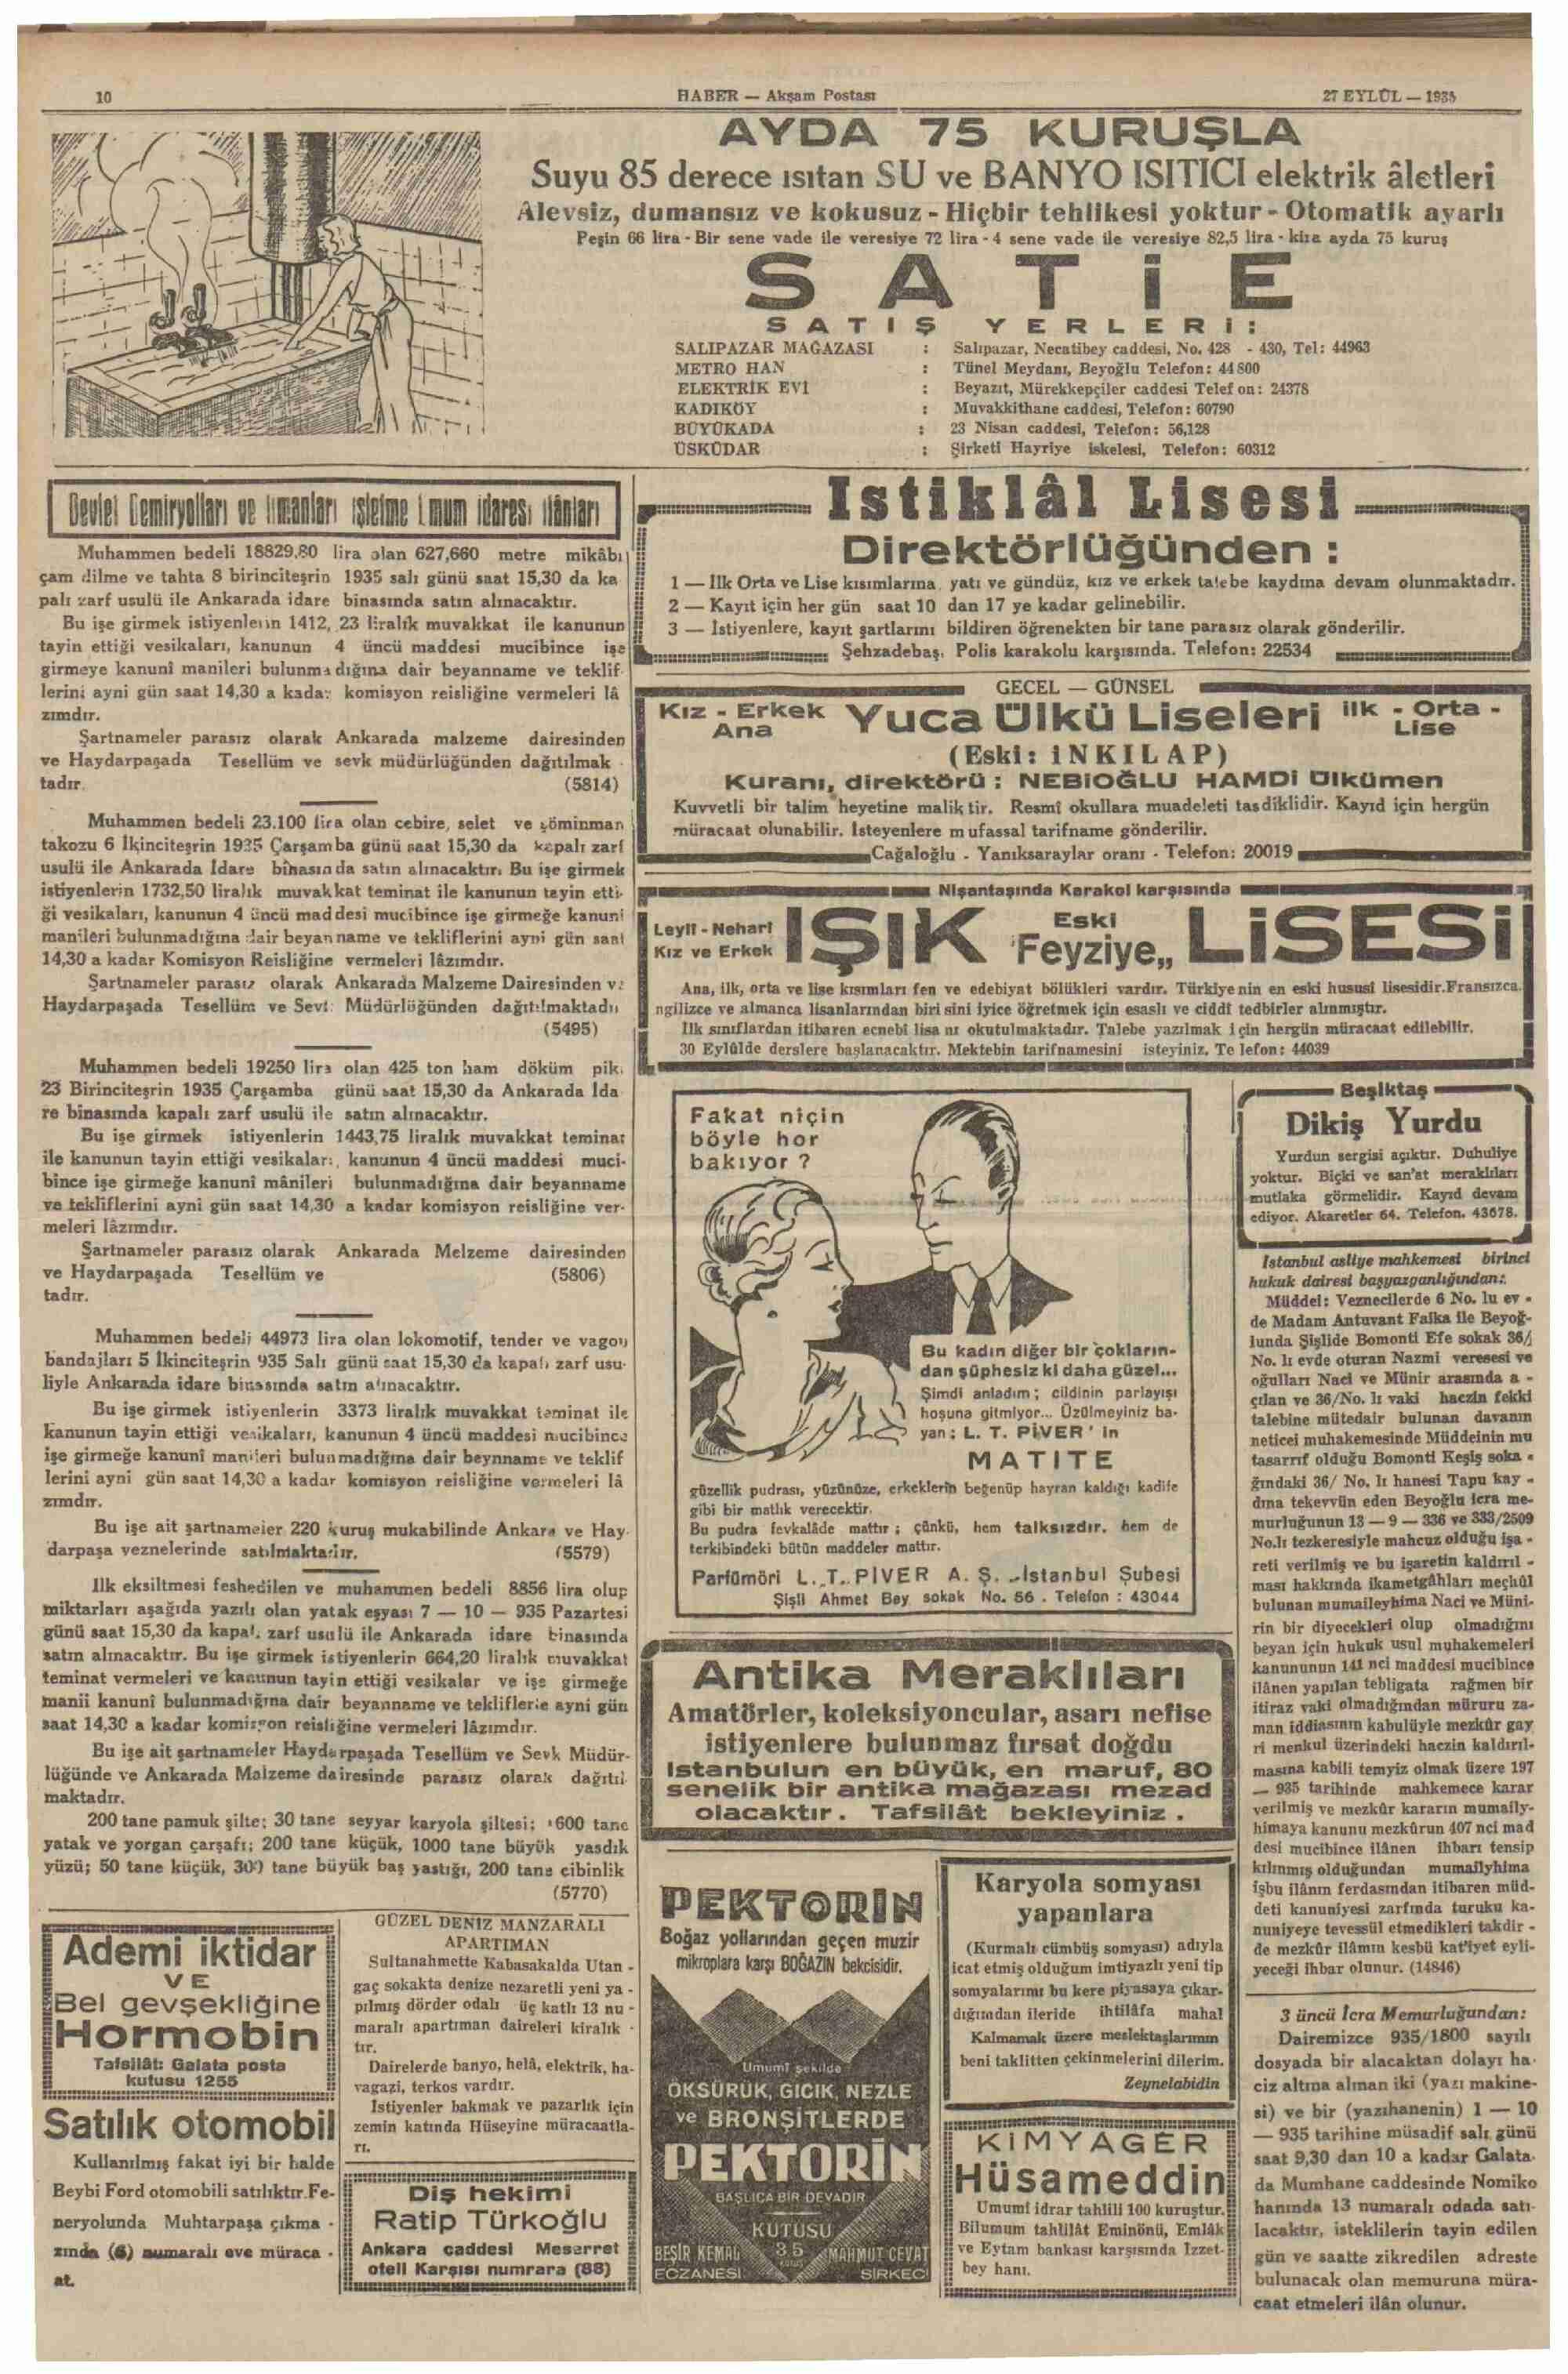 27 Eylül 1935 Tarihli Haber Dergisi Sayfa 11